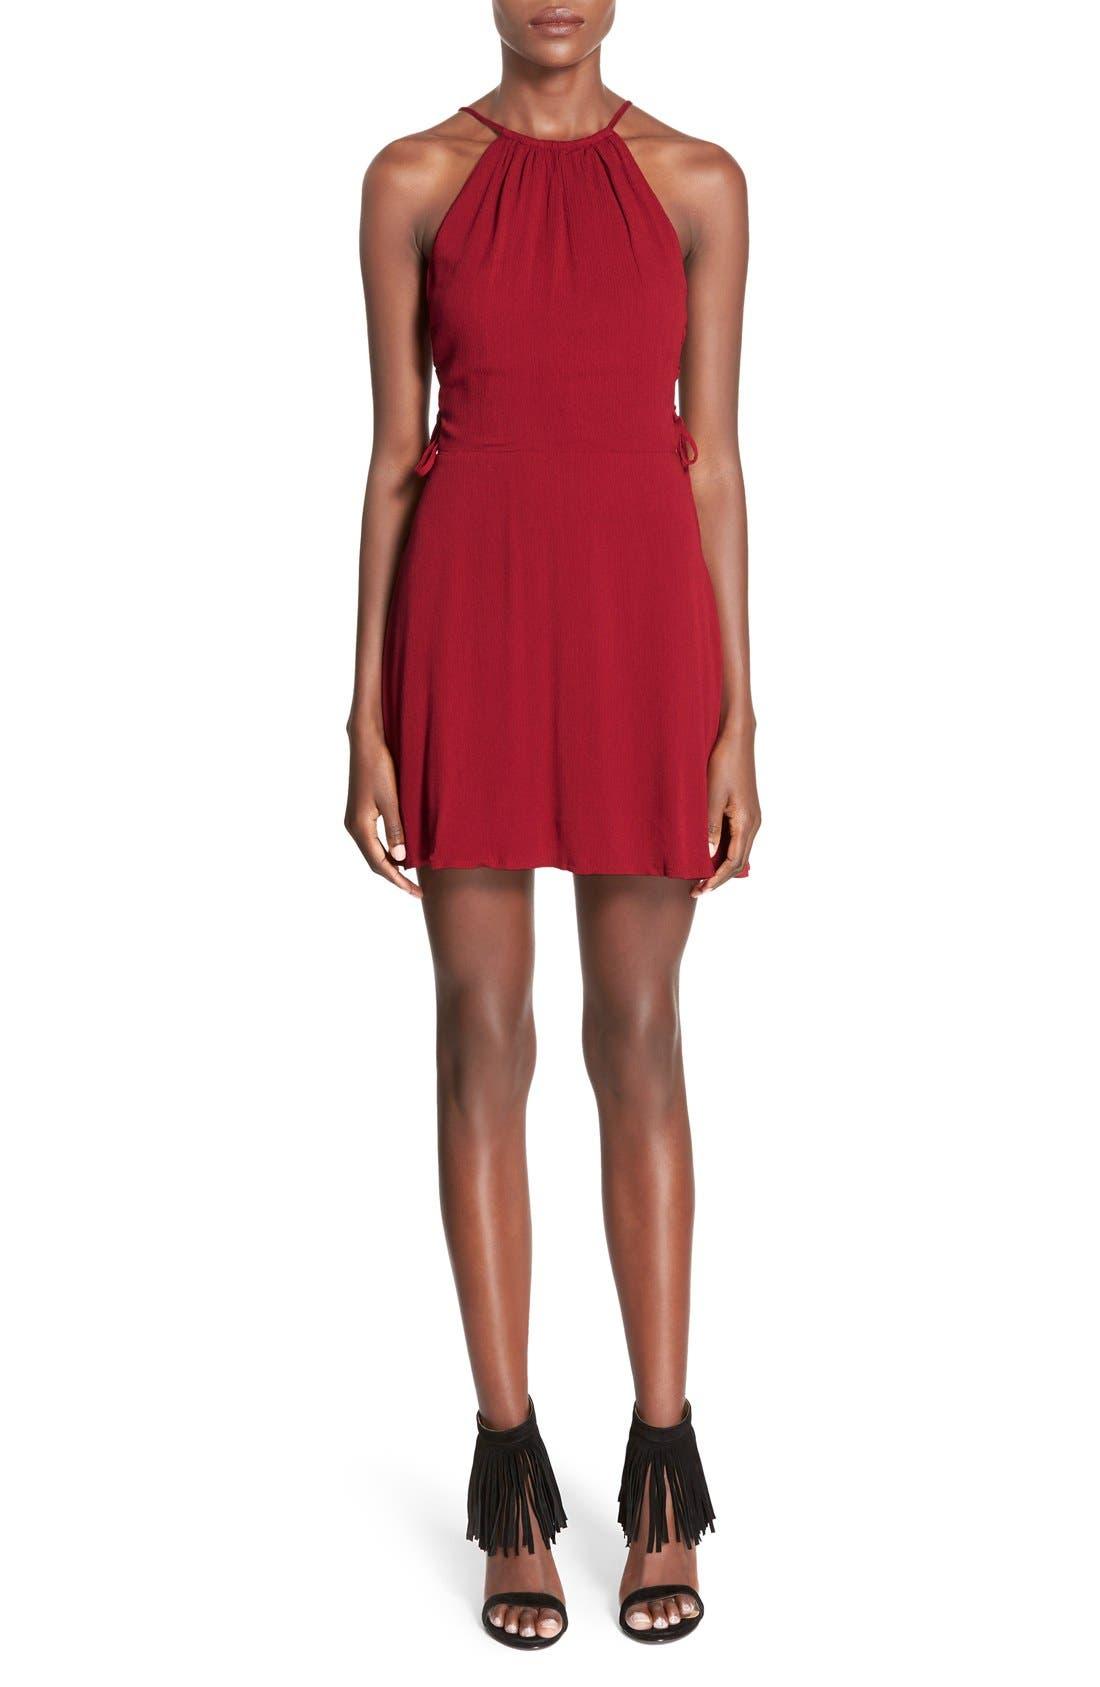 Alternate Image 1 Selected - MissguidedSide Lace-Up Skater Dress